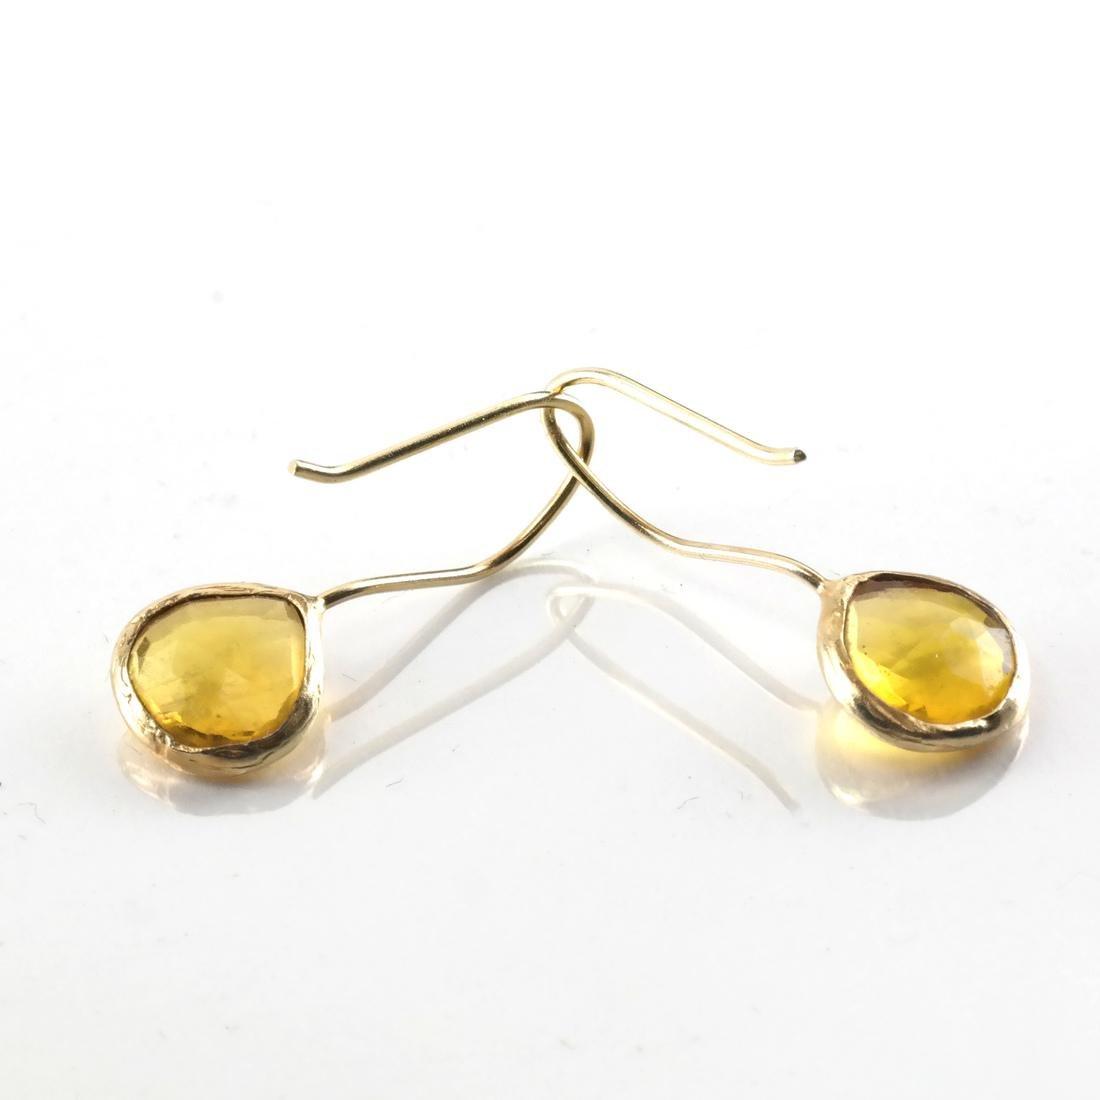 3-Piece 14k YG, Citrine Ring & Earrings - 2